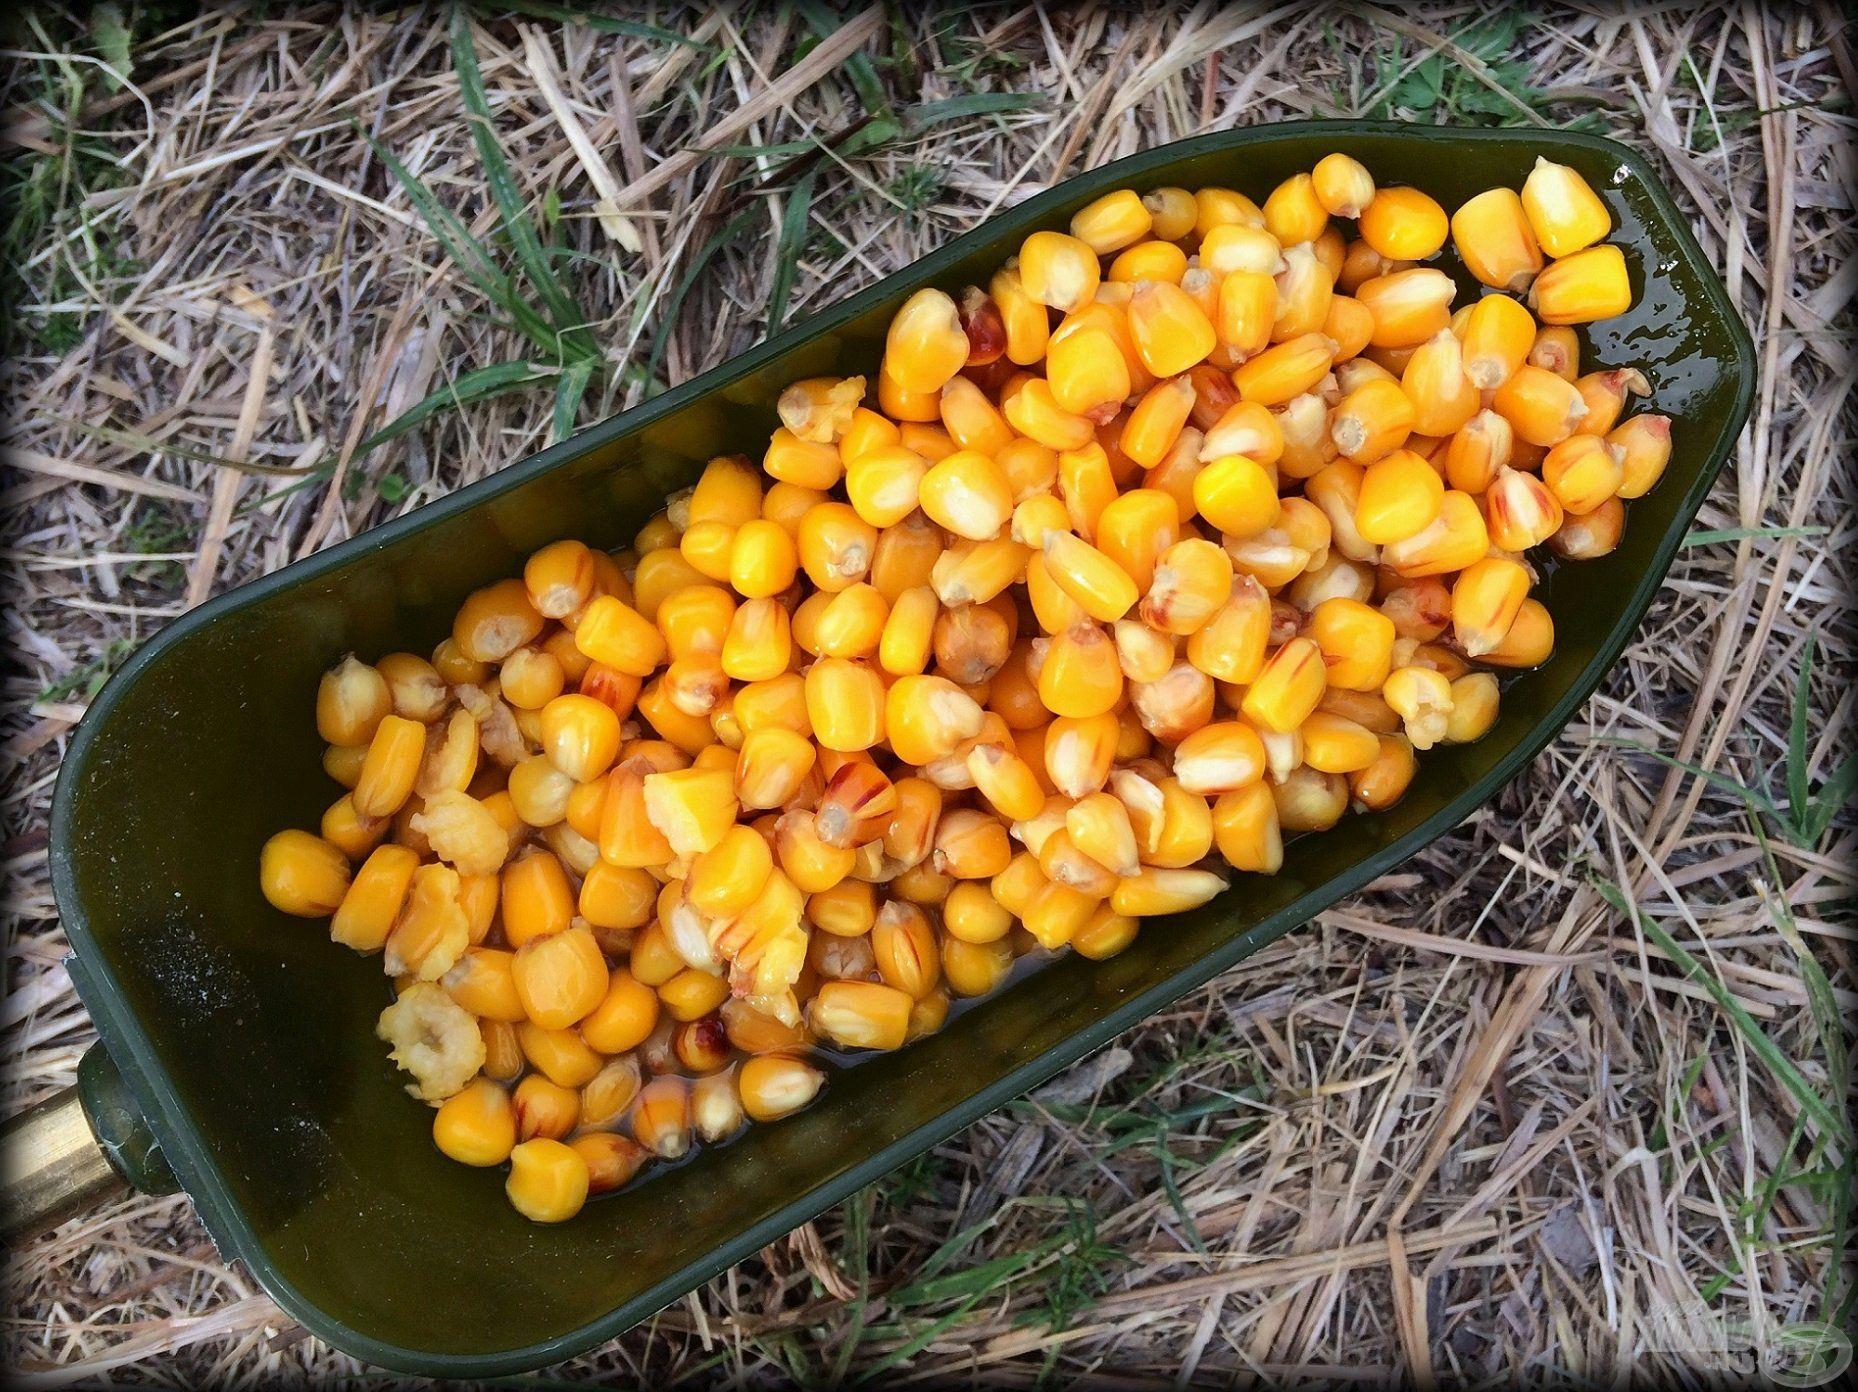 Itt, ezen a vízterületen a főtt kukoricának nincs párja